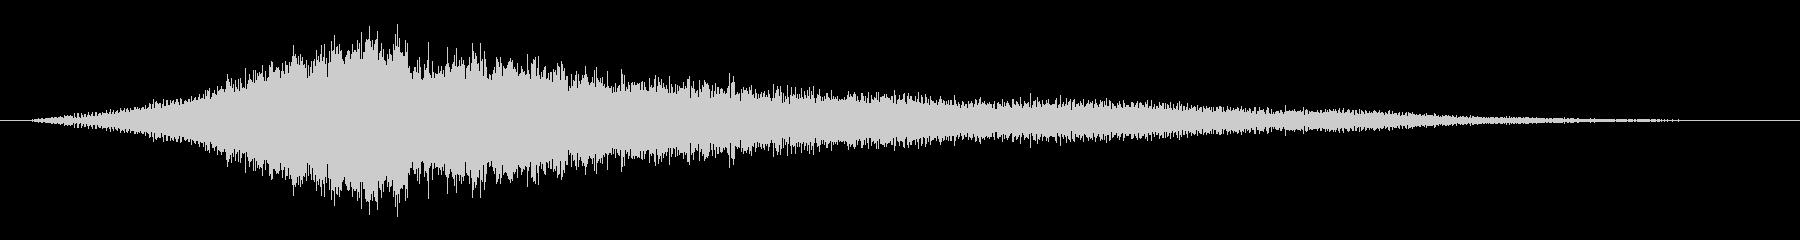 キュイーン:怖い音(ホラー)の未再生の波形